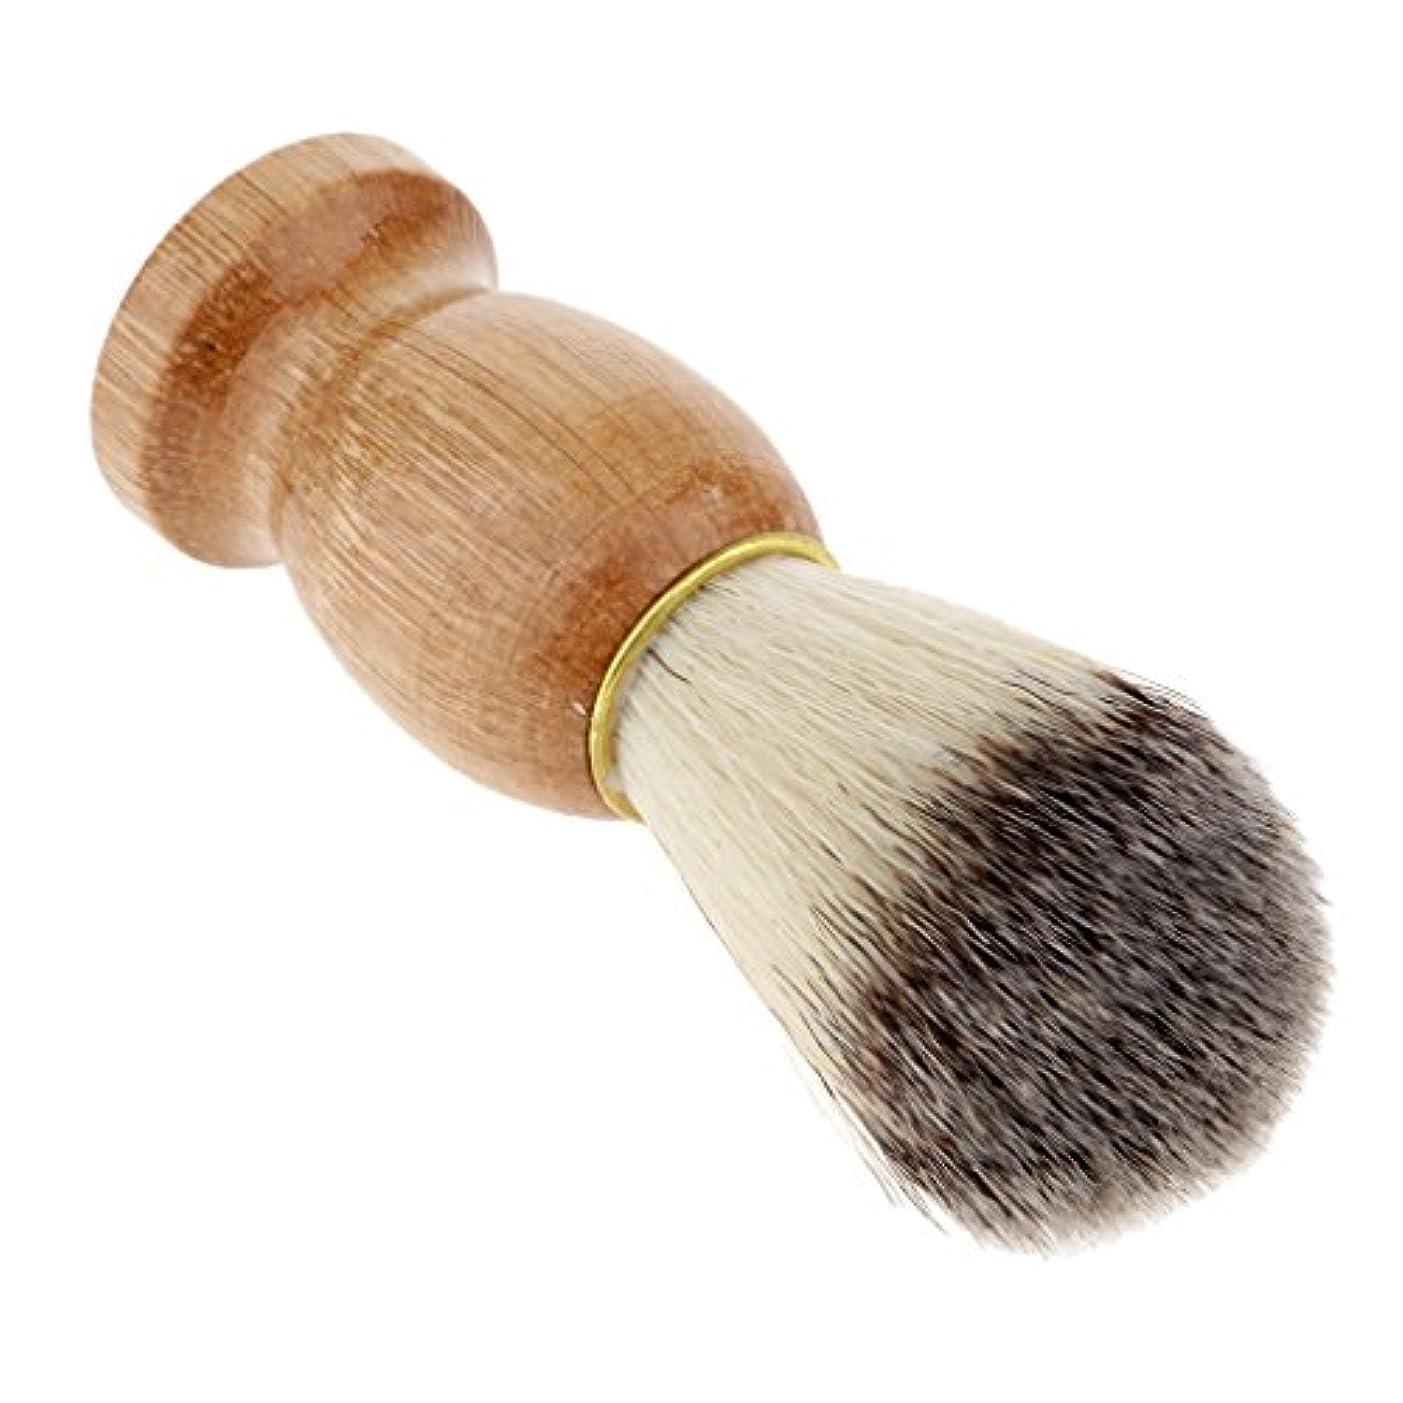 コンパニオン振るう一人で人のための専門の木製の剃るブラシ、良質の木の剃毛用具